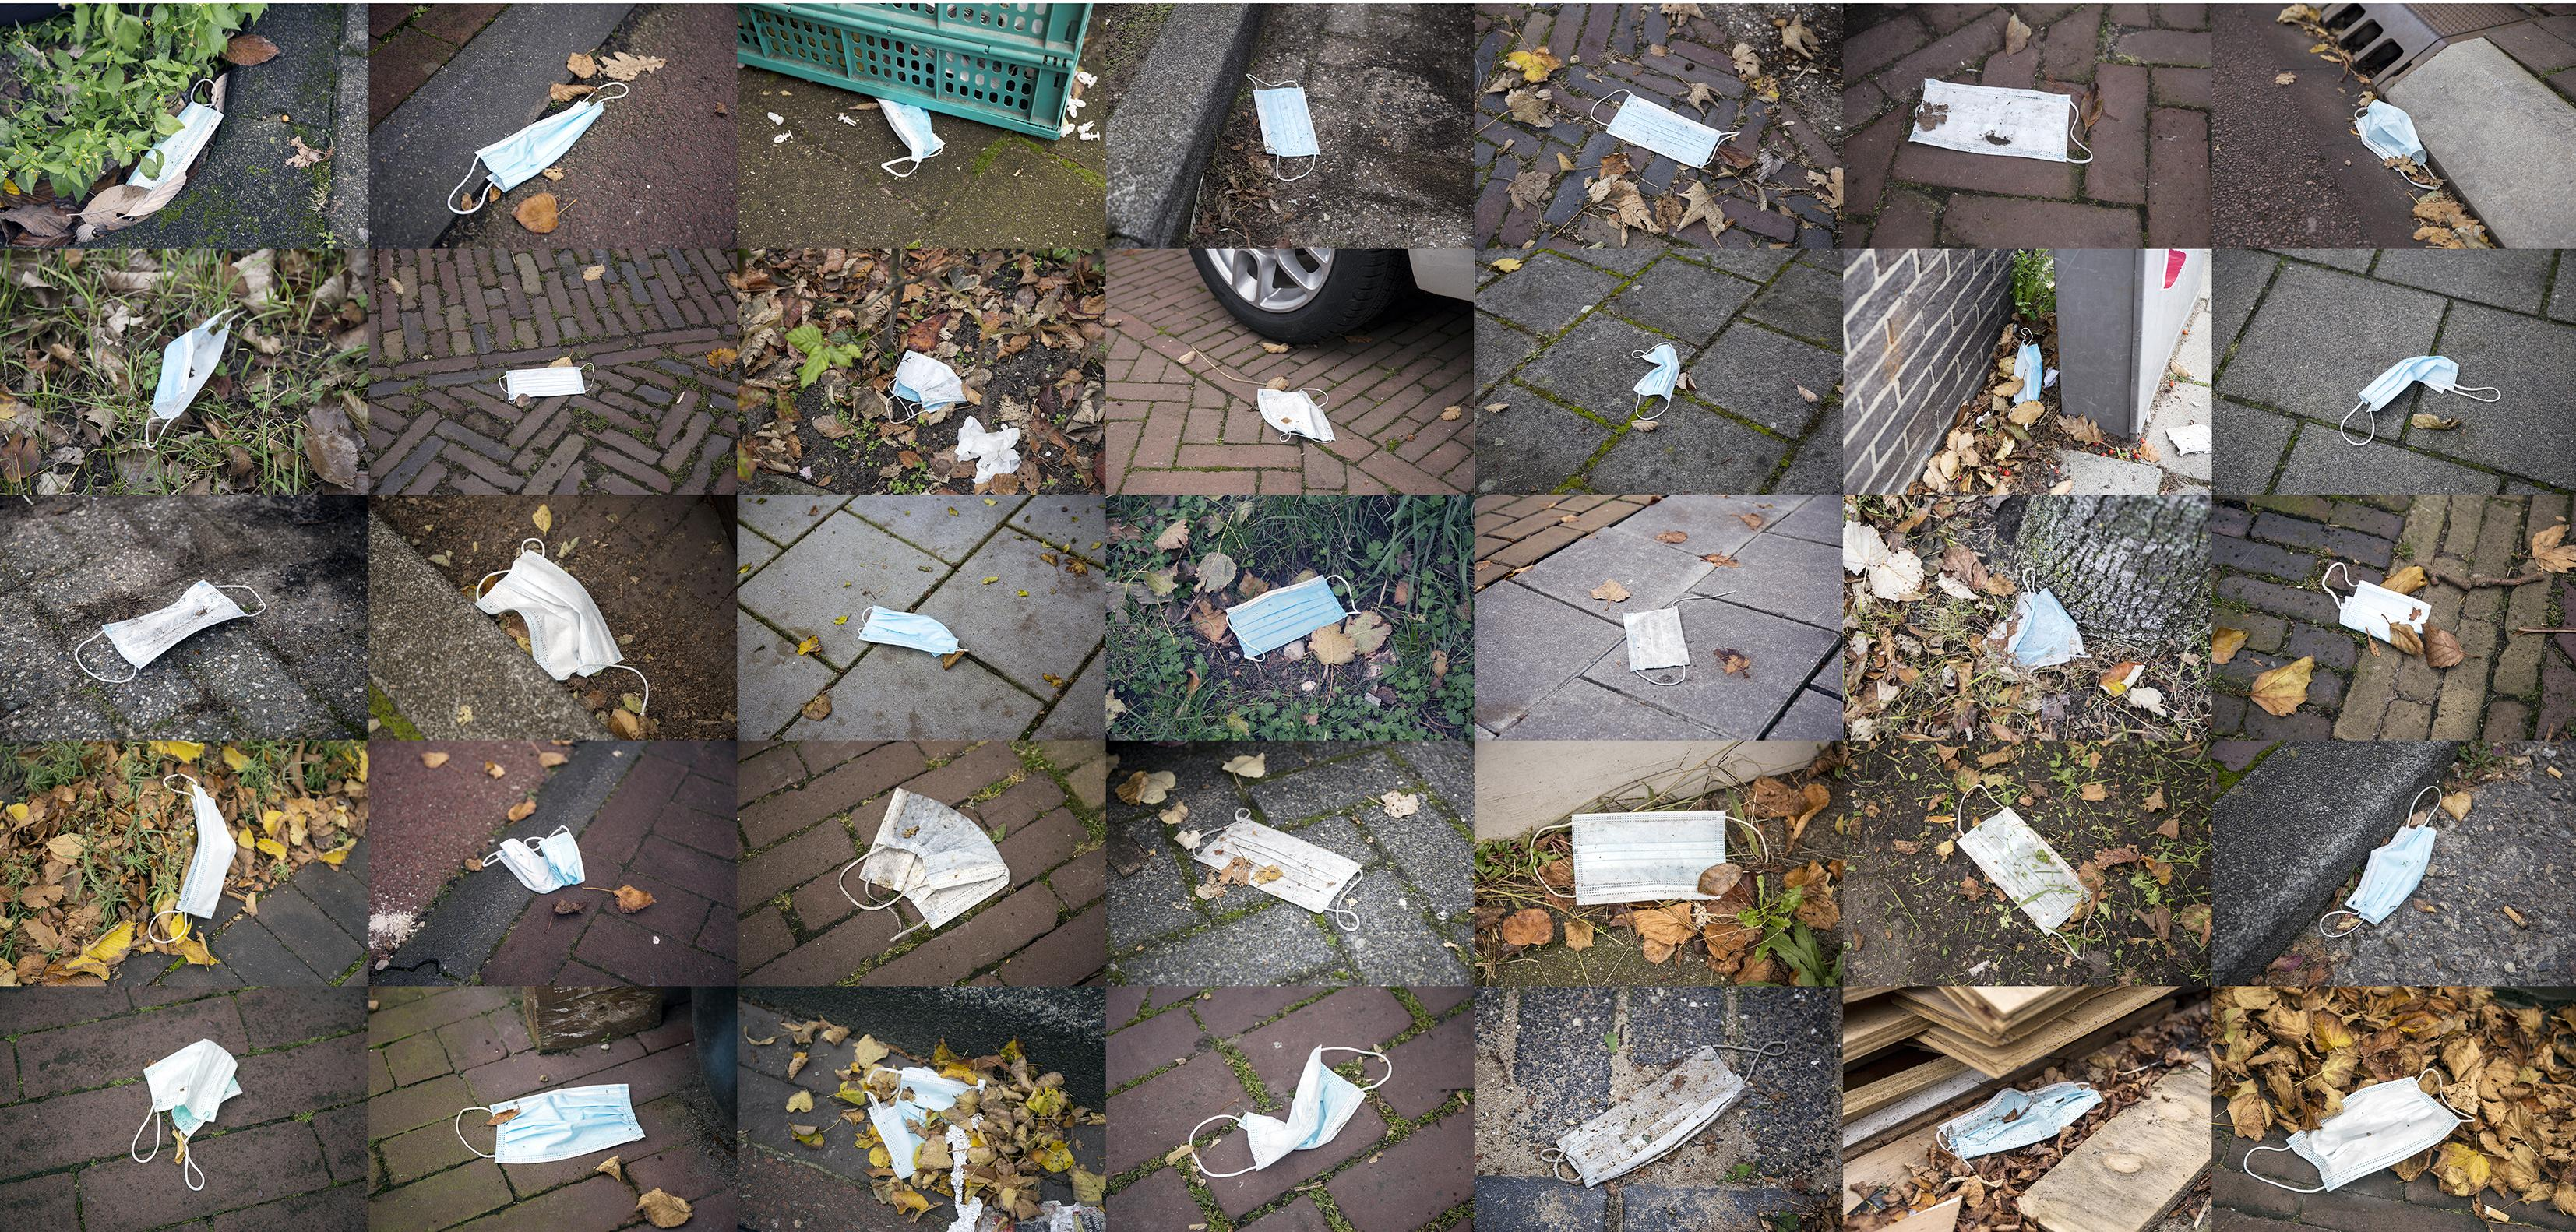 Haarlem vergeven van de 'zwerfkapjes': 'Het is een heel groot drama'